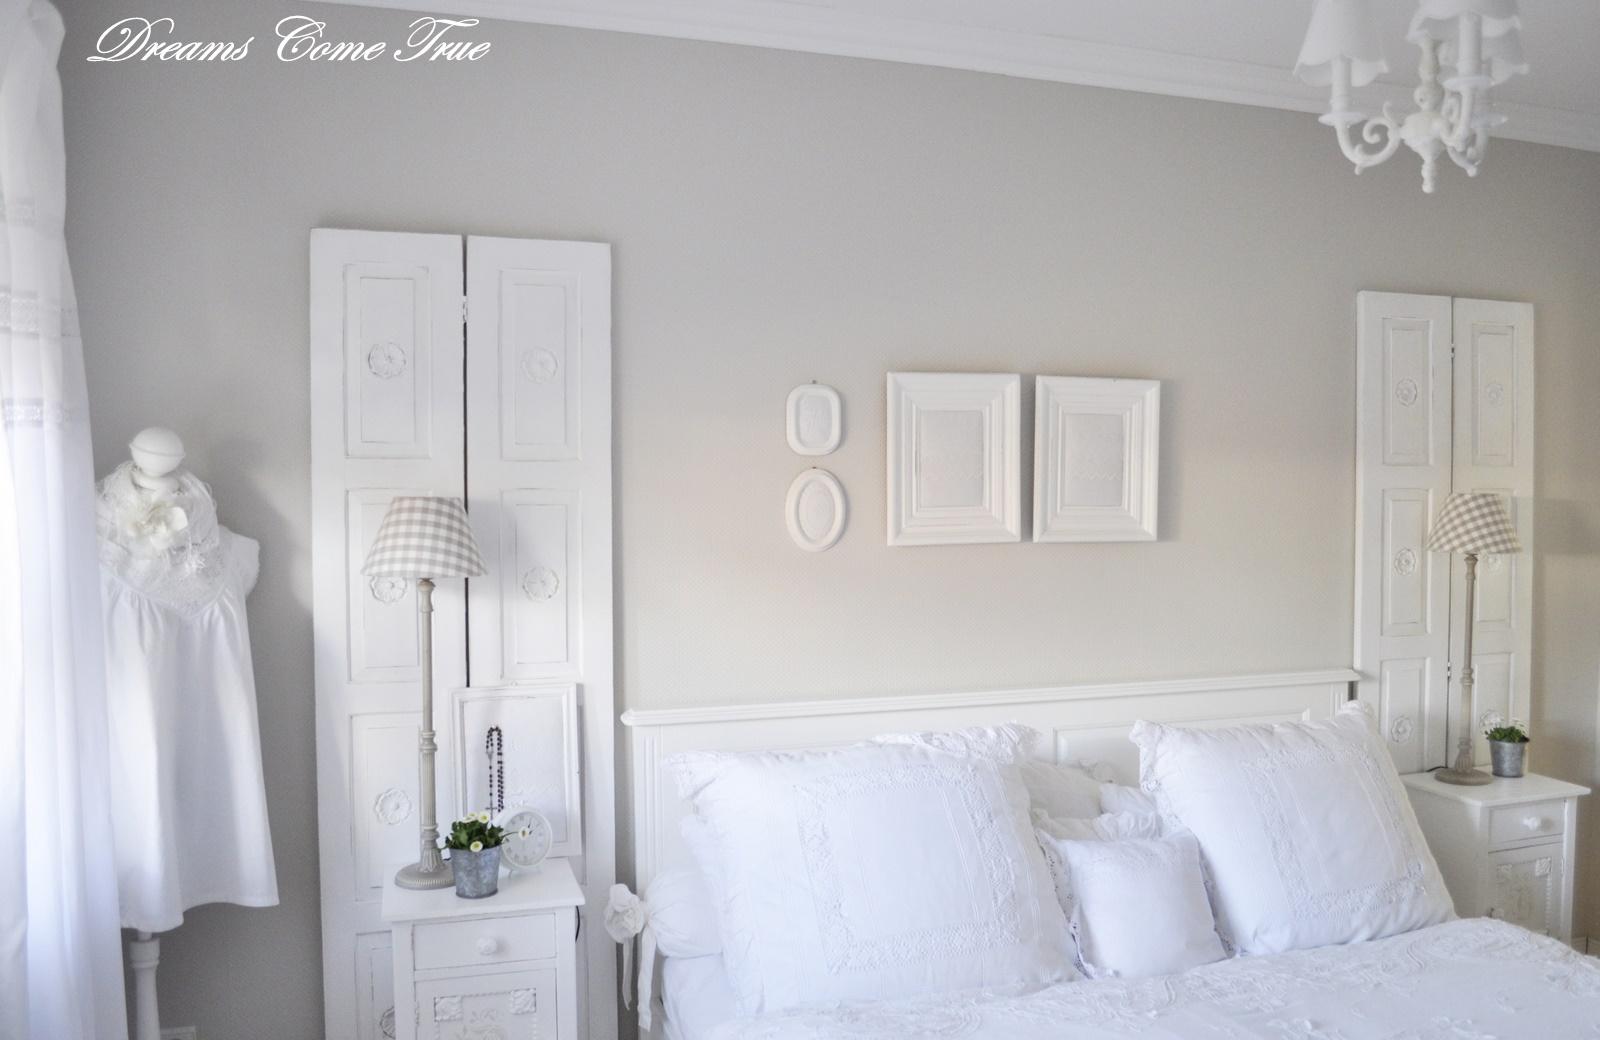 Dreams come true neues im schlafzimmer - Neues schlafzimmer ...